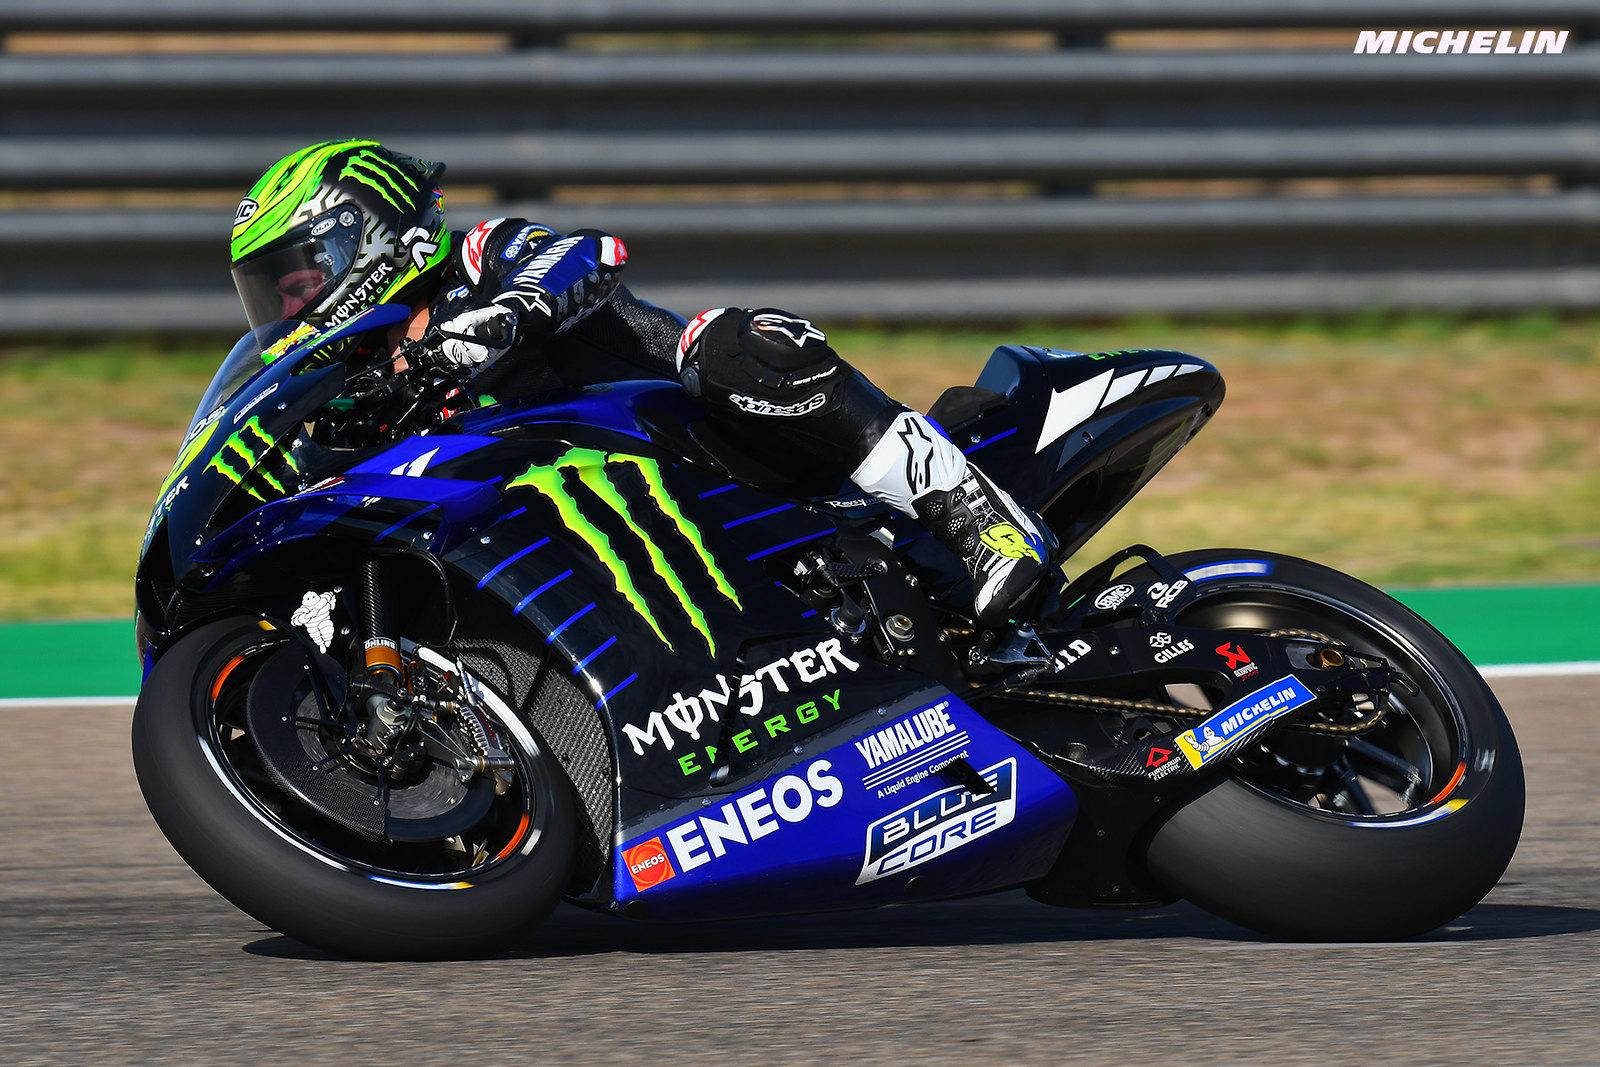 MotoGP2021アラゴンGP 初日総合3位カル・クラッチロー「タイムよりもテストをすることが重要」